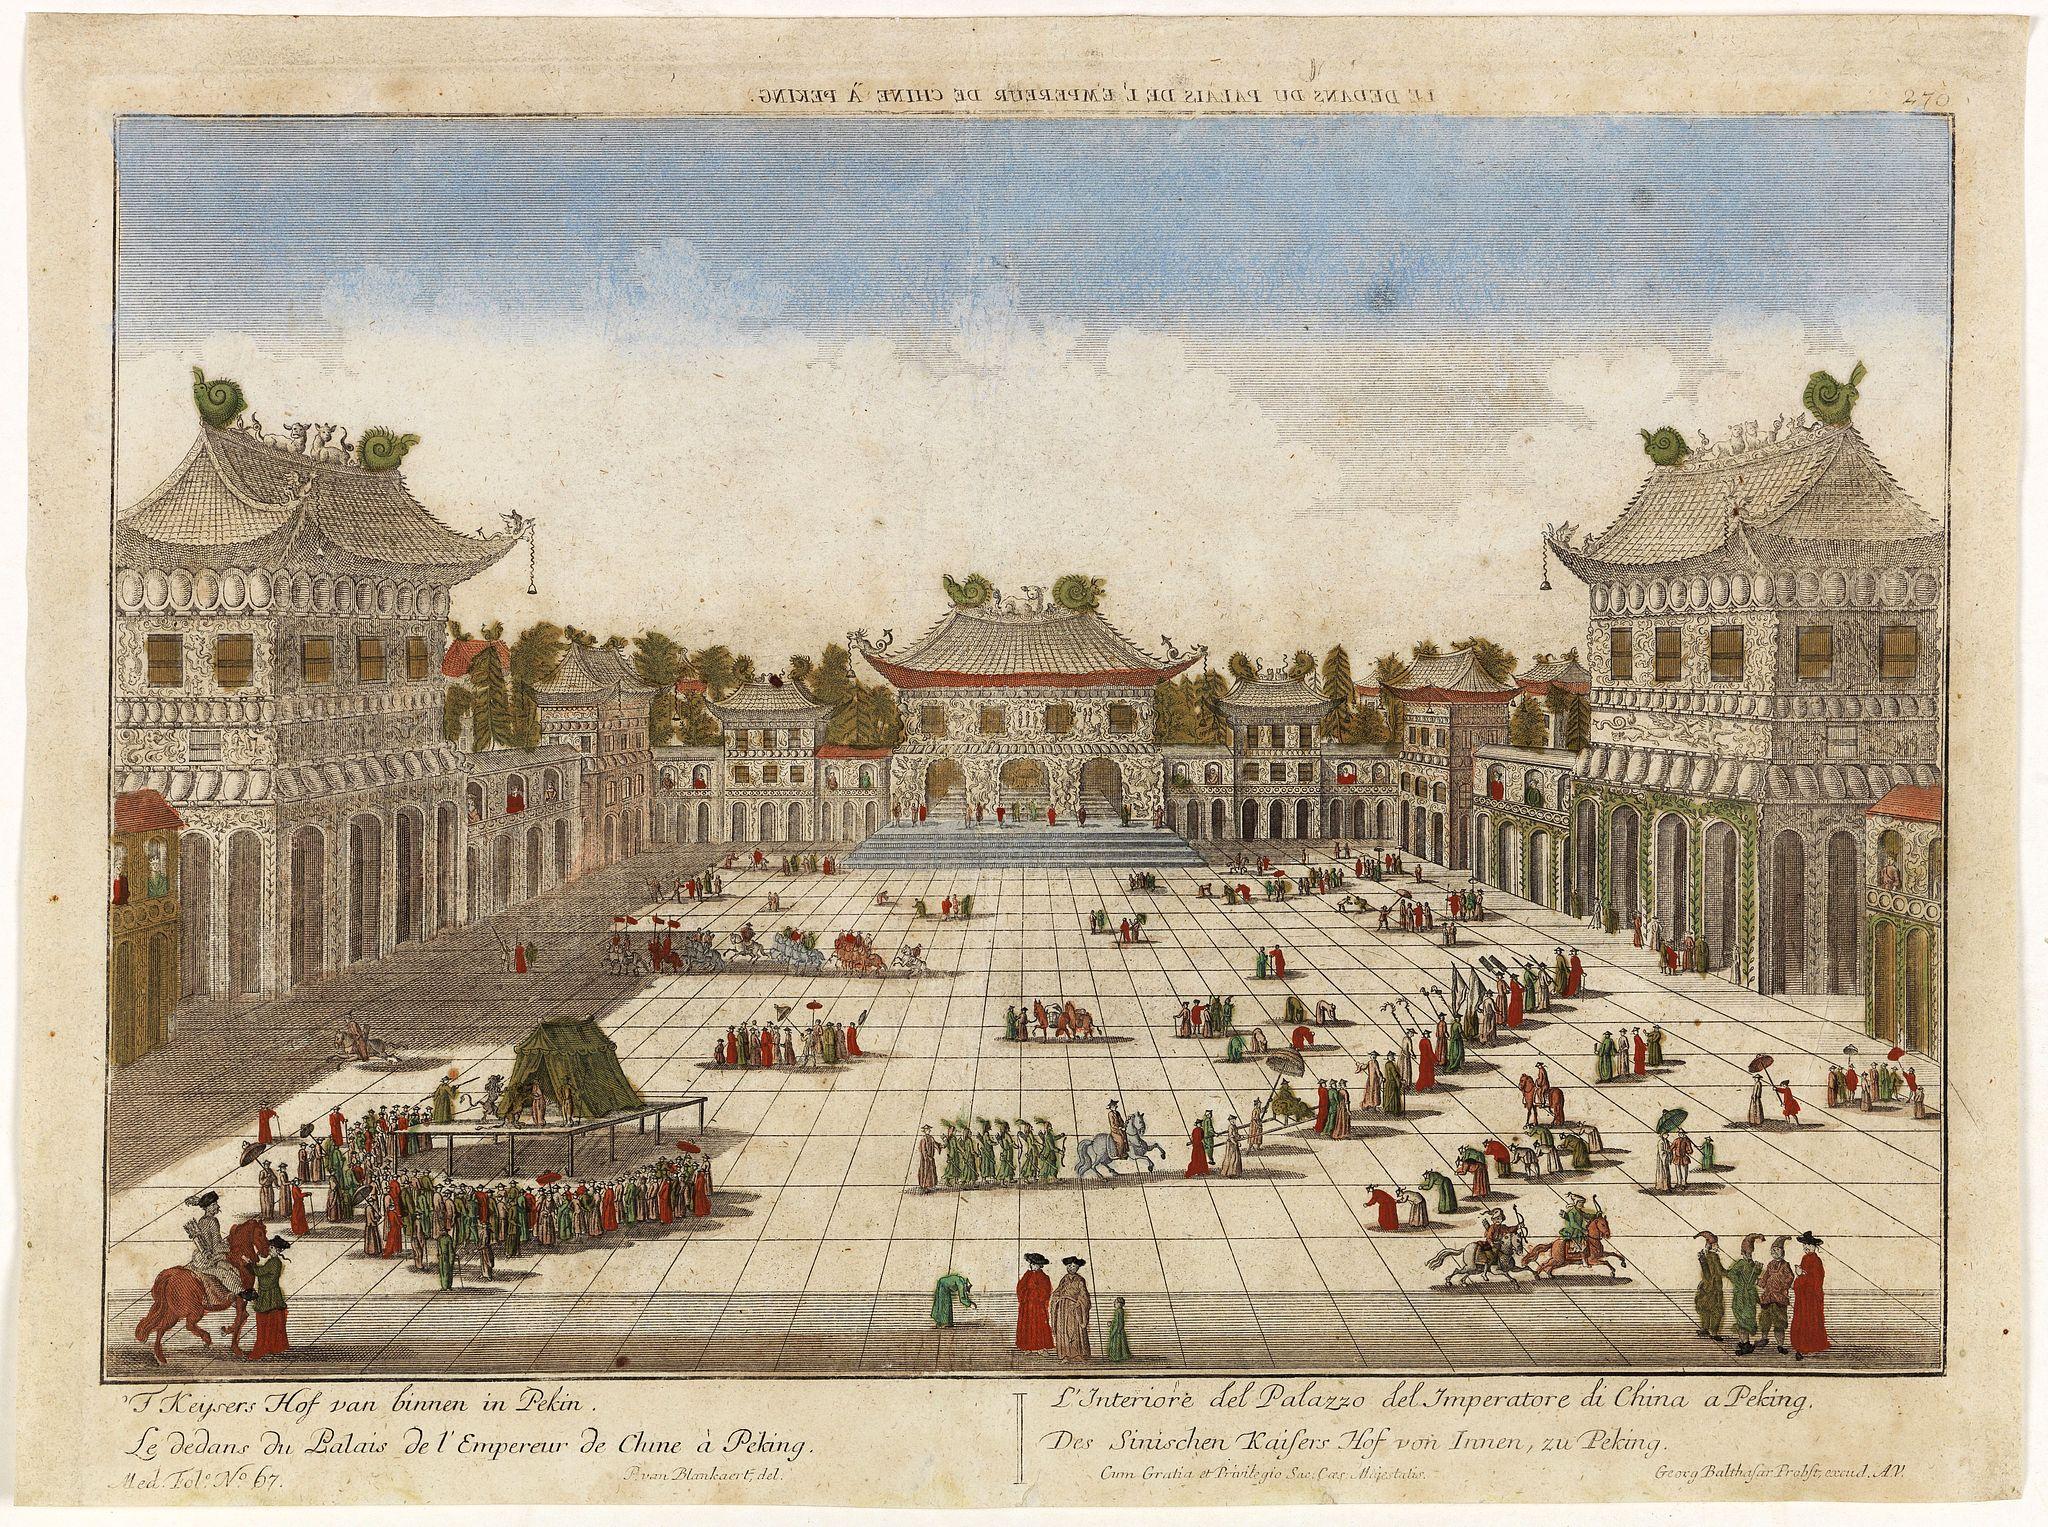 PROBST,G.B. -  Le dedans du Palais de l'Empereur de Chine à Peking.